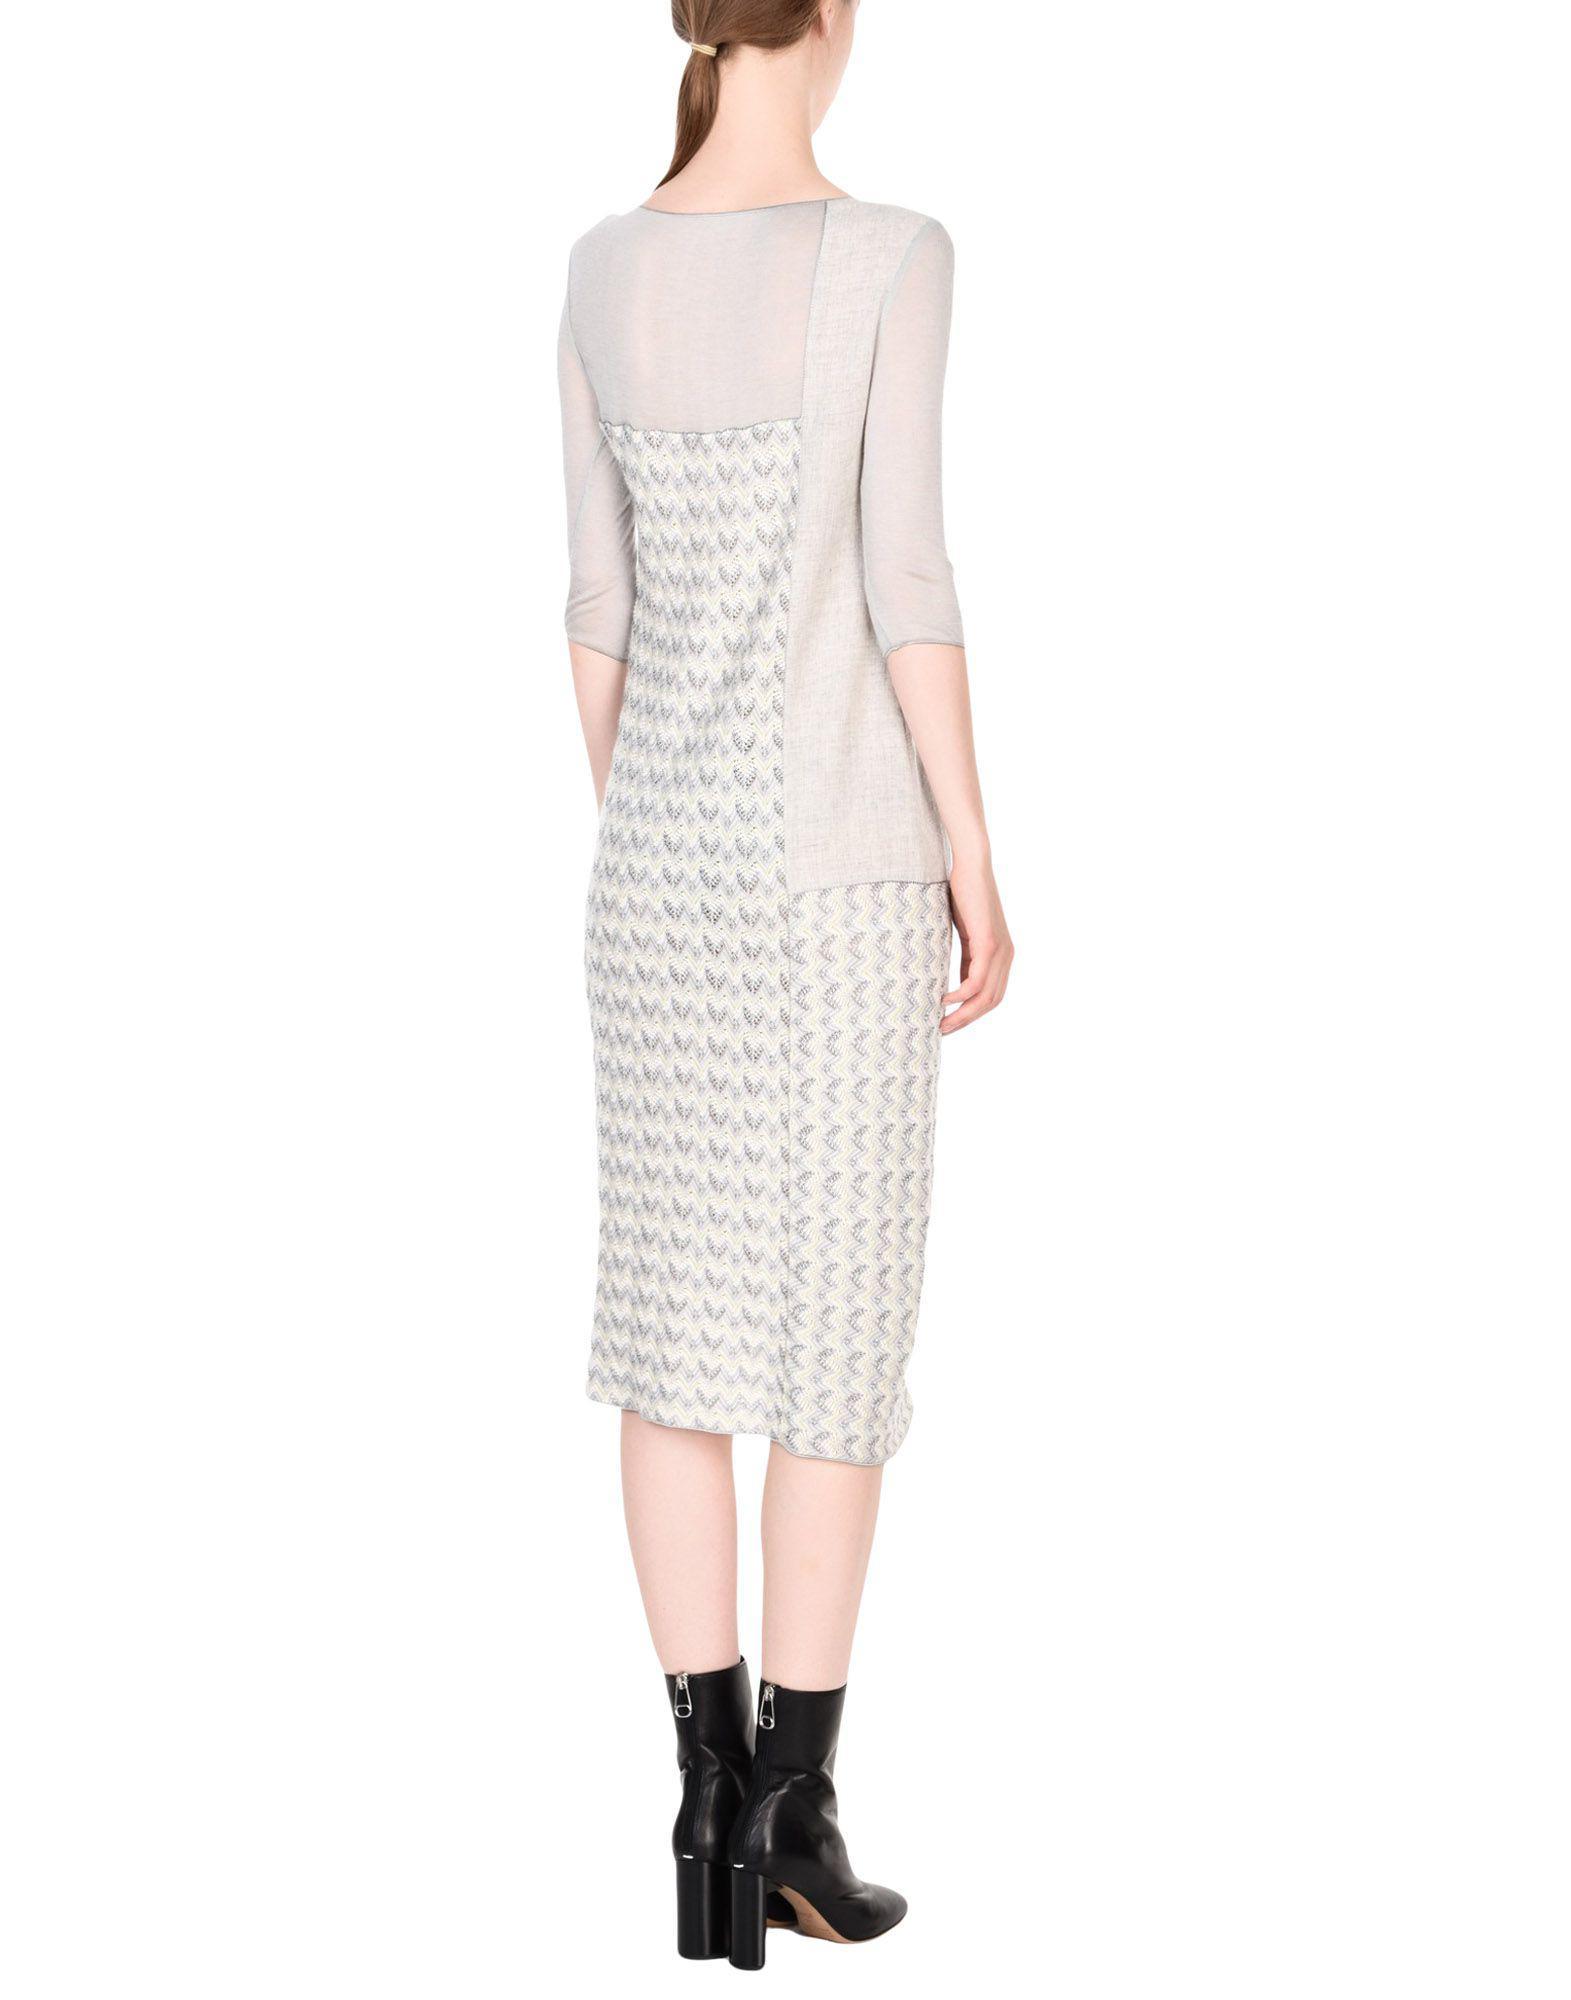 92e994e619ee7 Missoni Knee-length Dress in Gray - Lyst